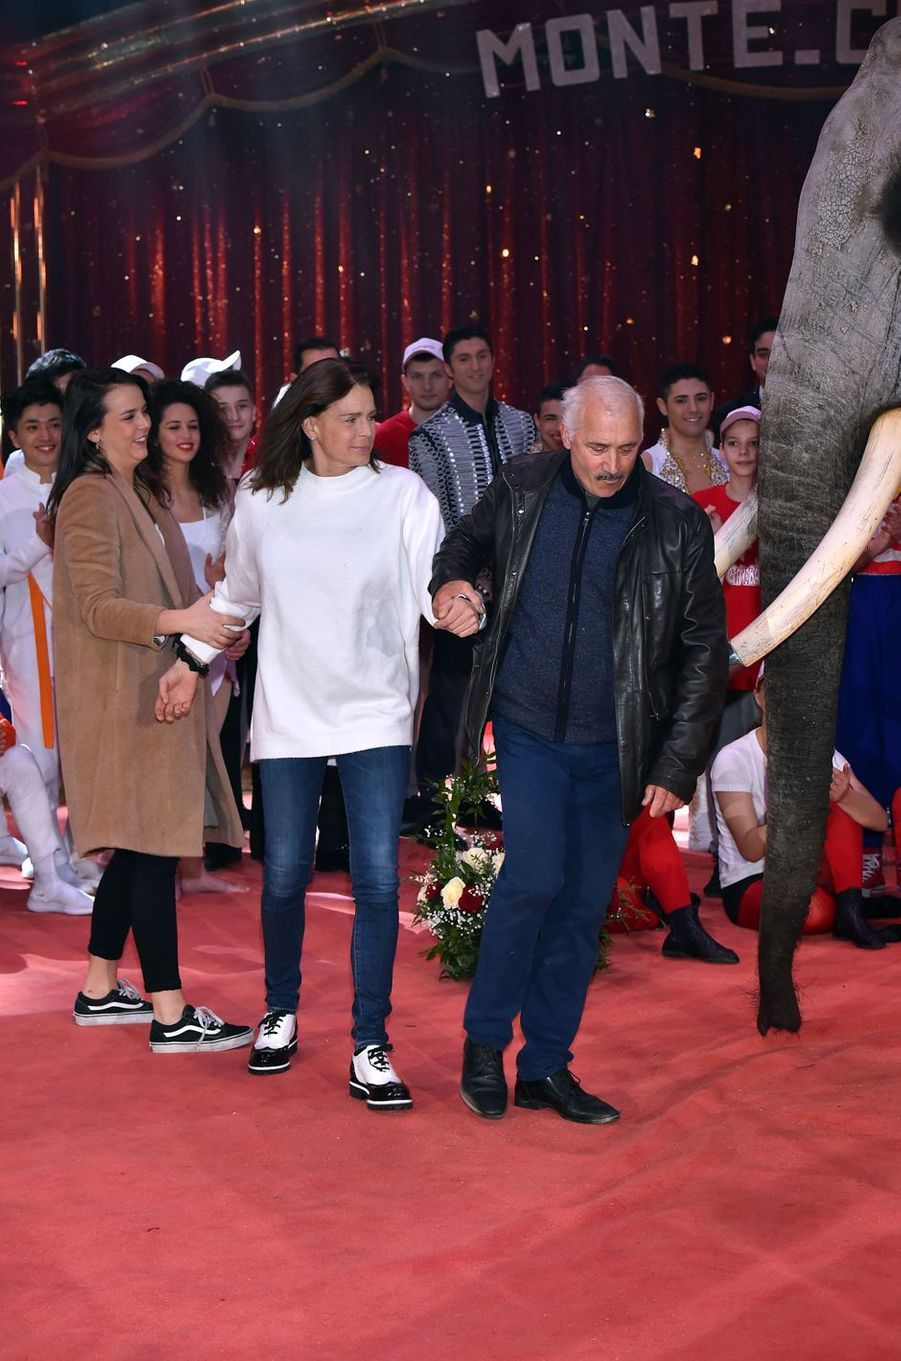 La princesse Stéphanie de Monaco et sa fille Pauline Ducruet à Monaco, le 1er février 2018